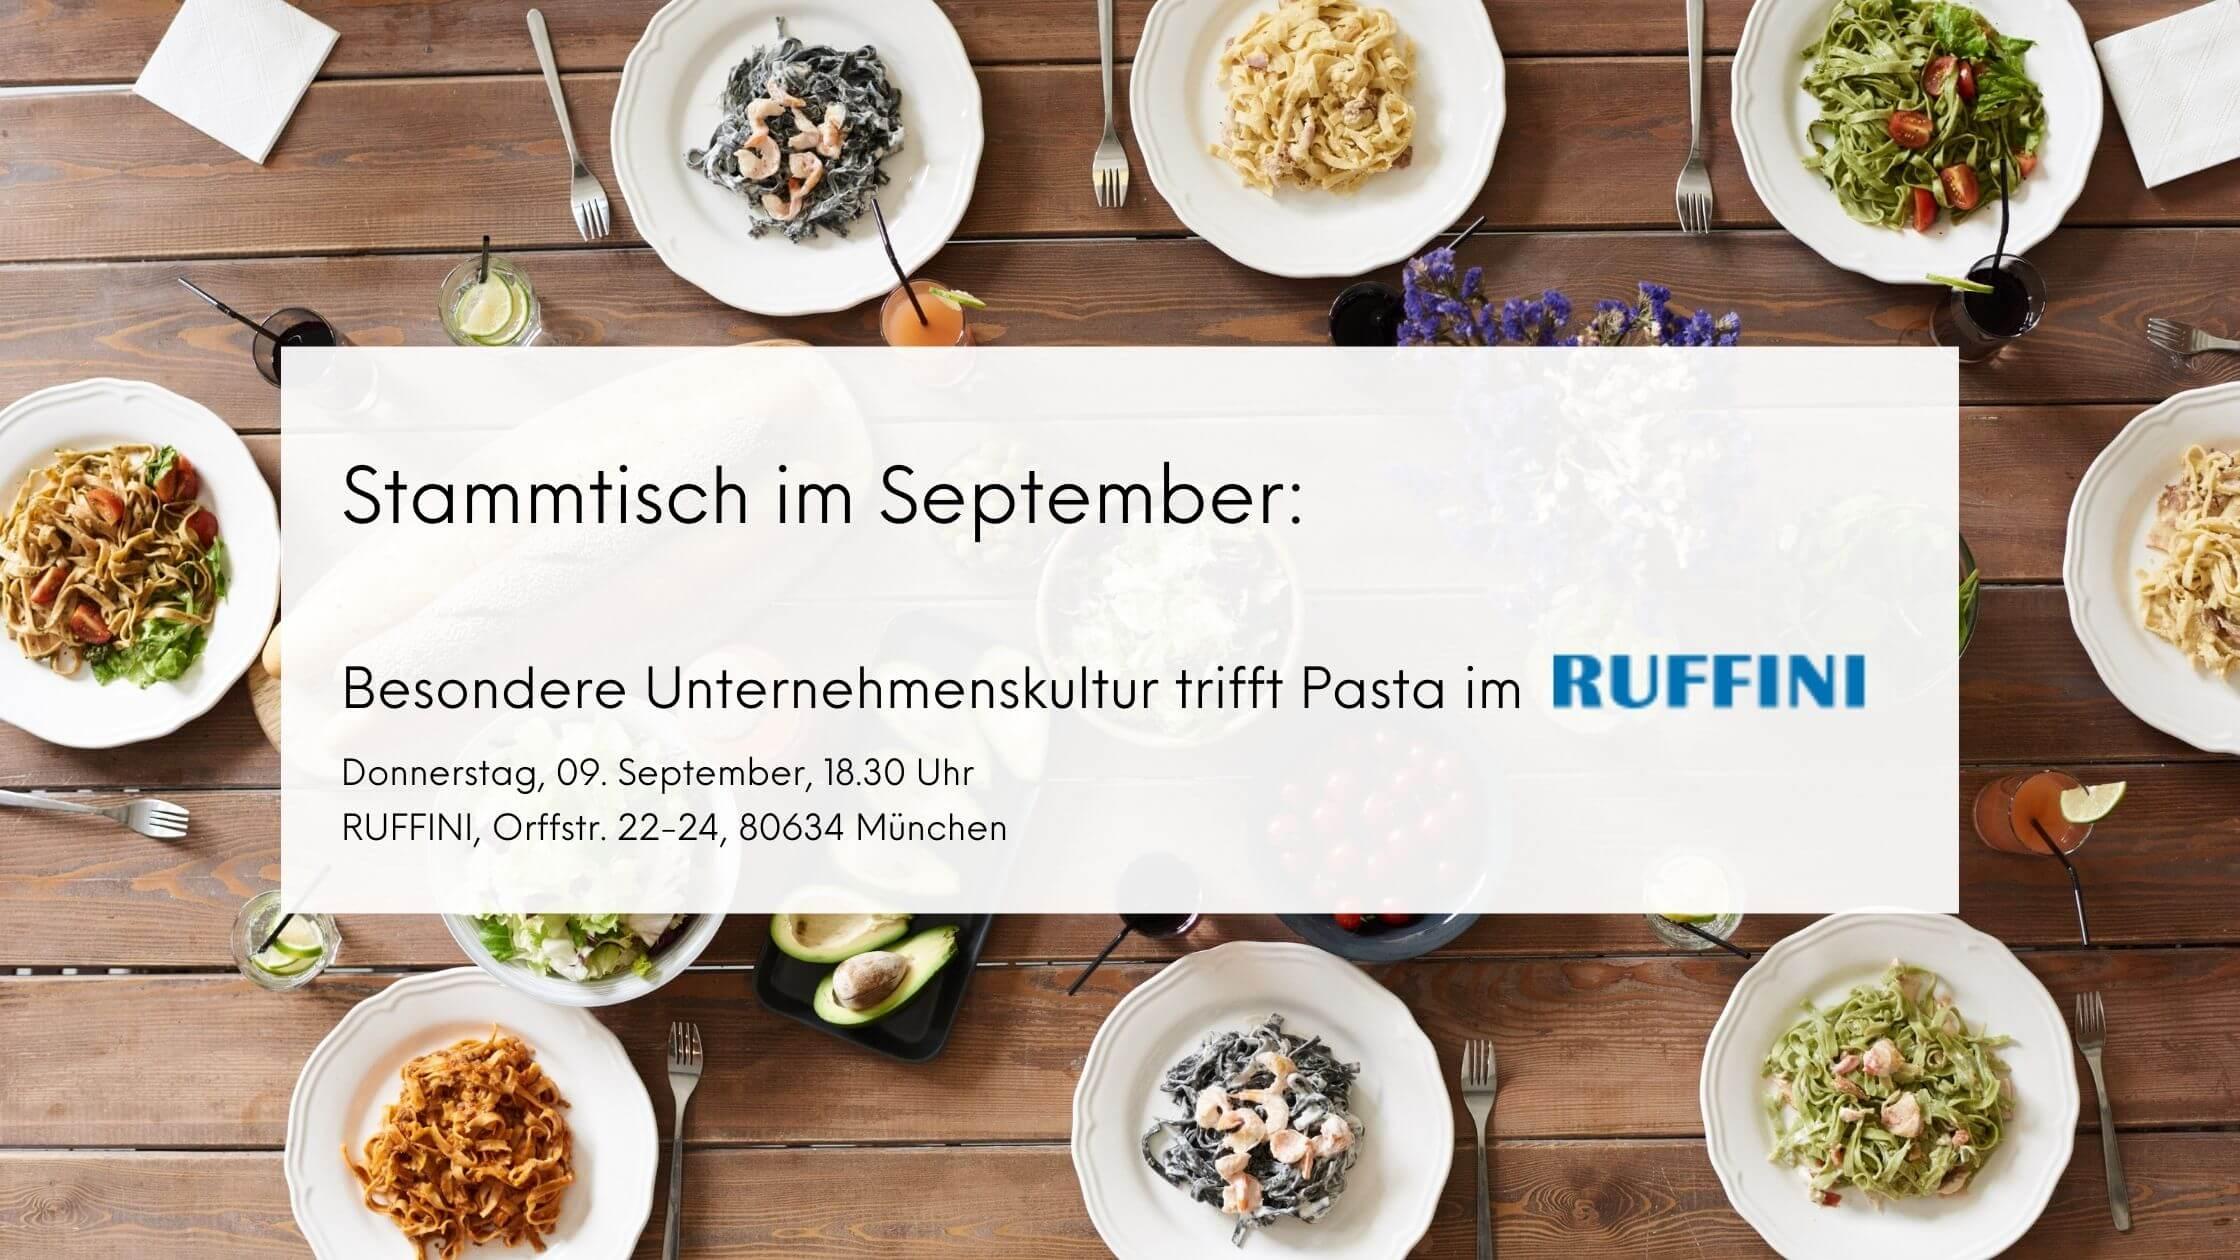 September- Stammtisch: Besondere Unternehmenskultur trifft Pasta!